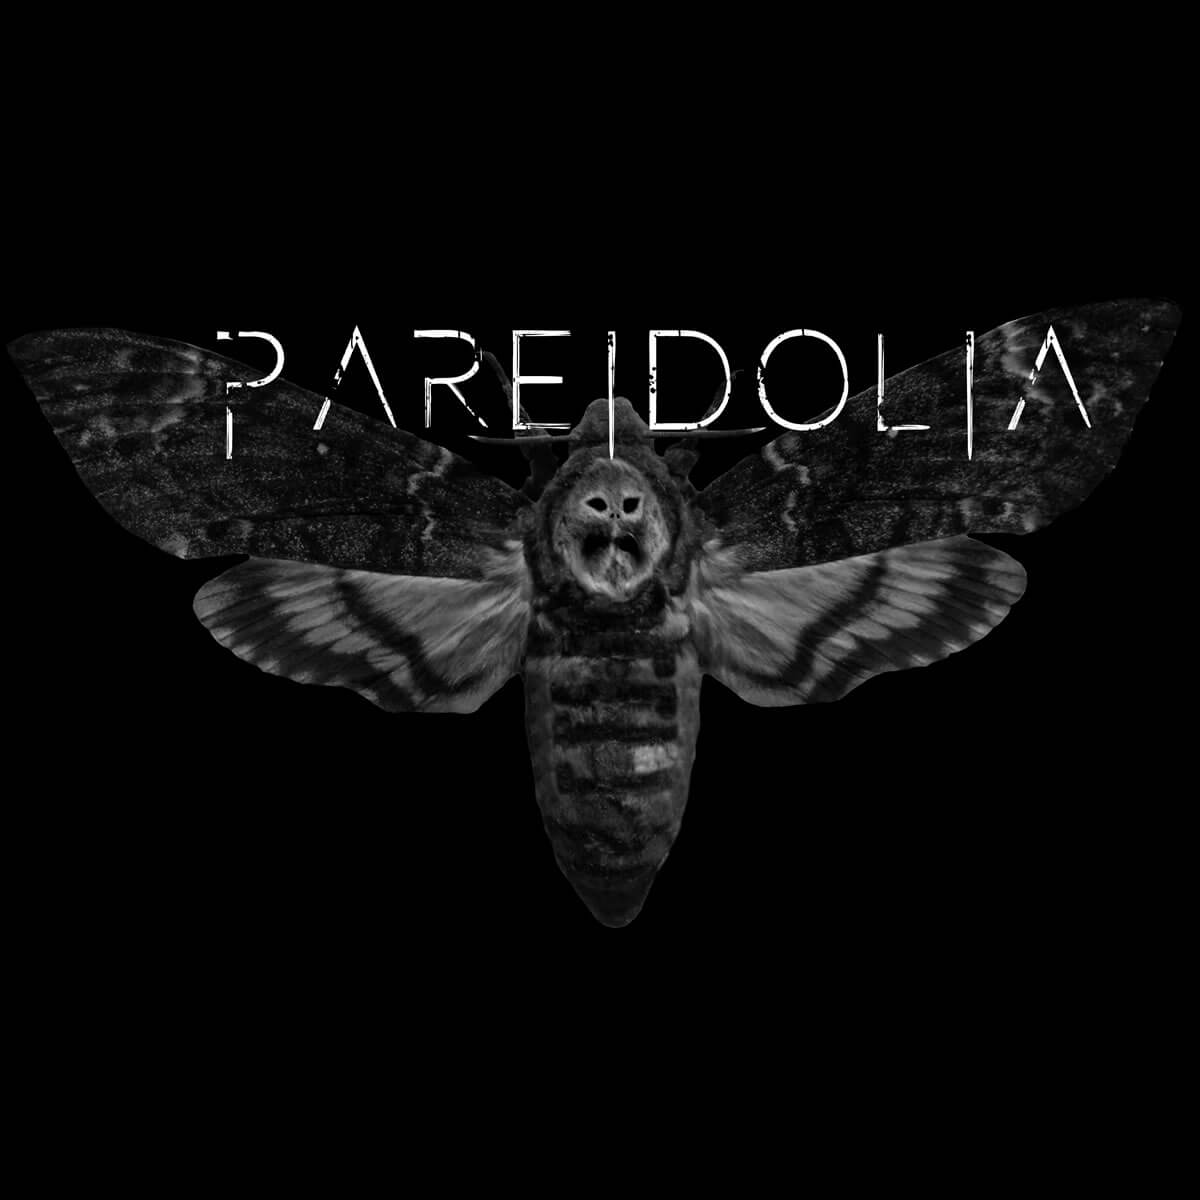 Precog – Pareidolia